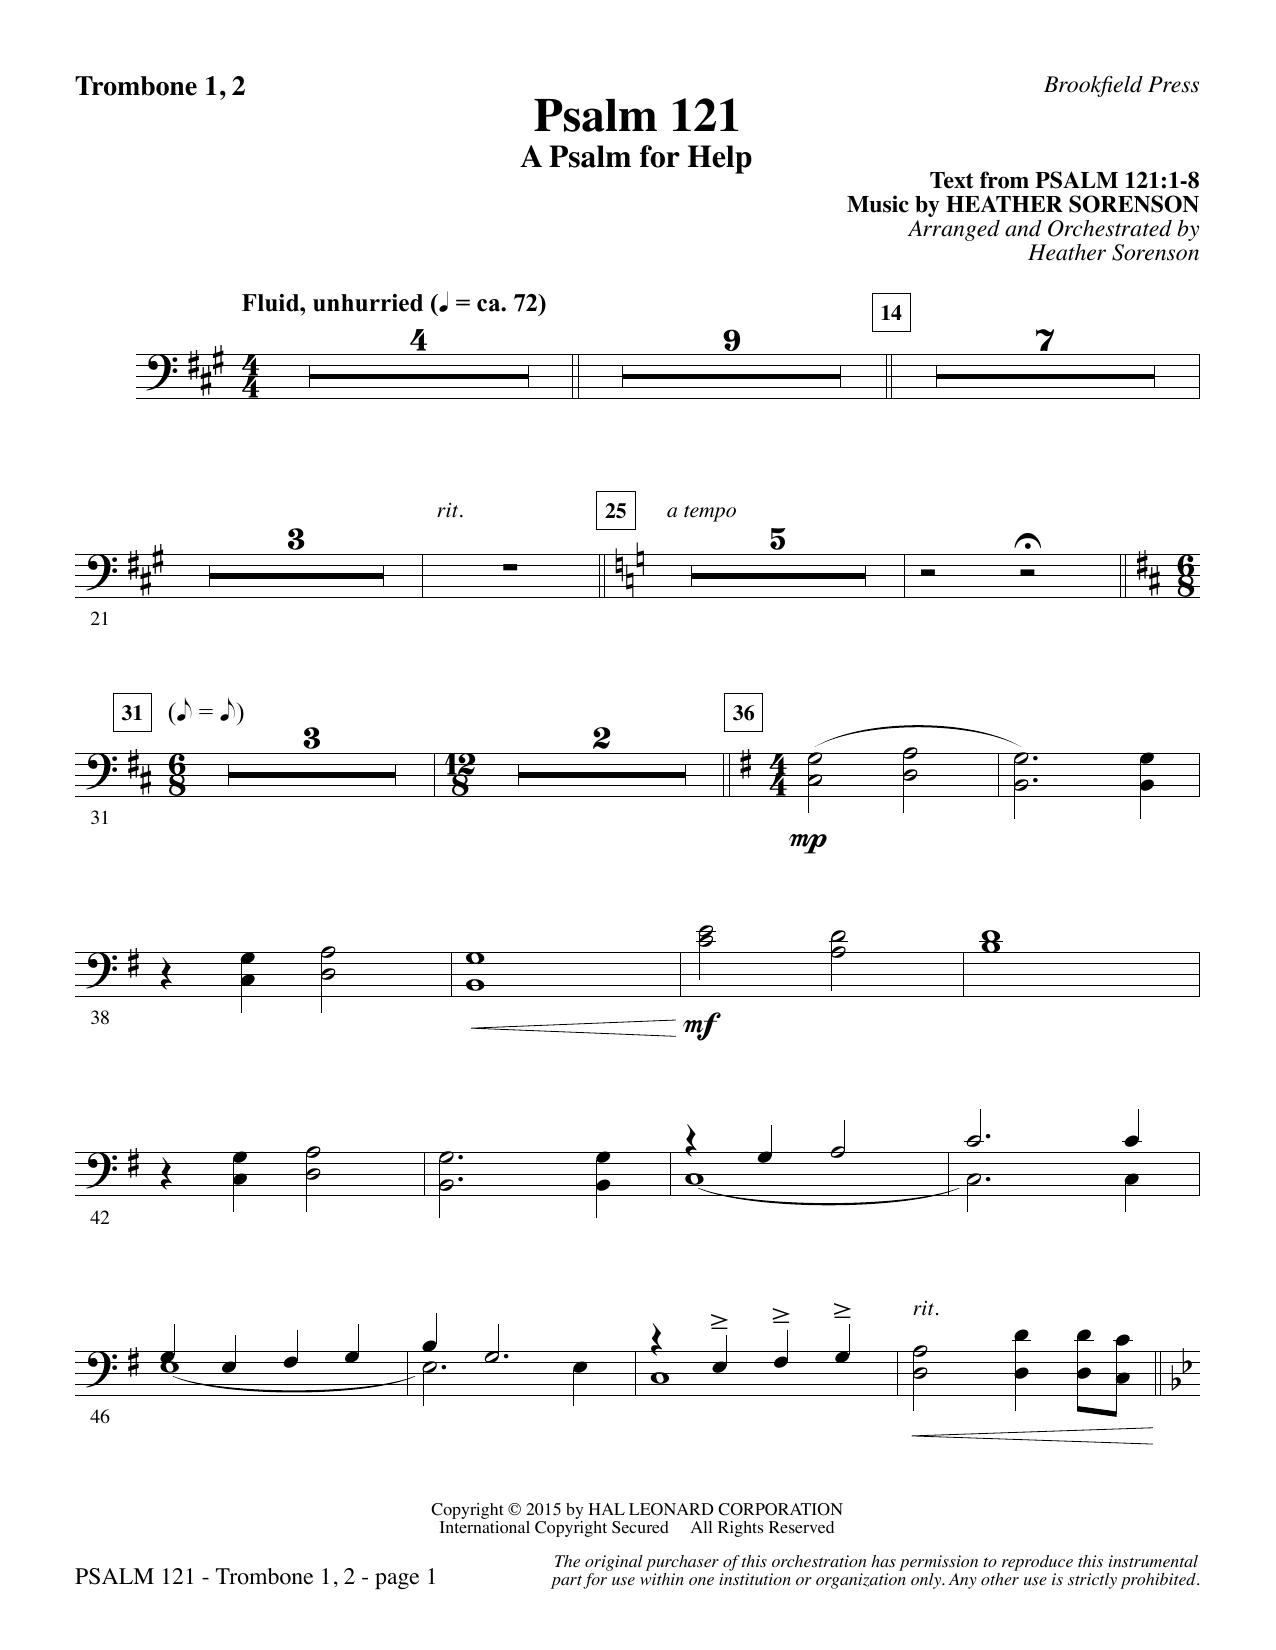 Psalm 121 (A Psalm For Help) - Trombone 1 & 2 sheet music